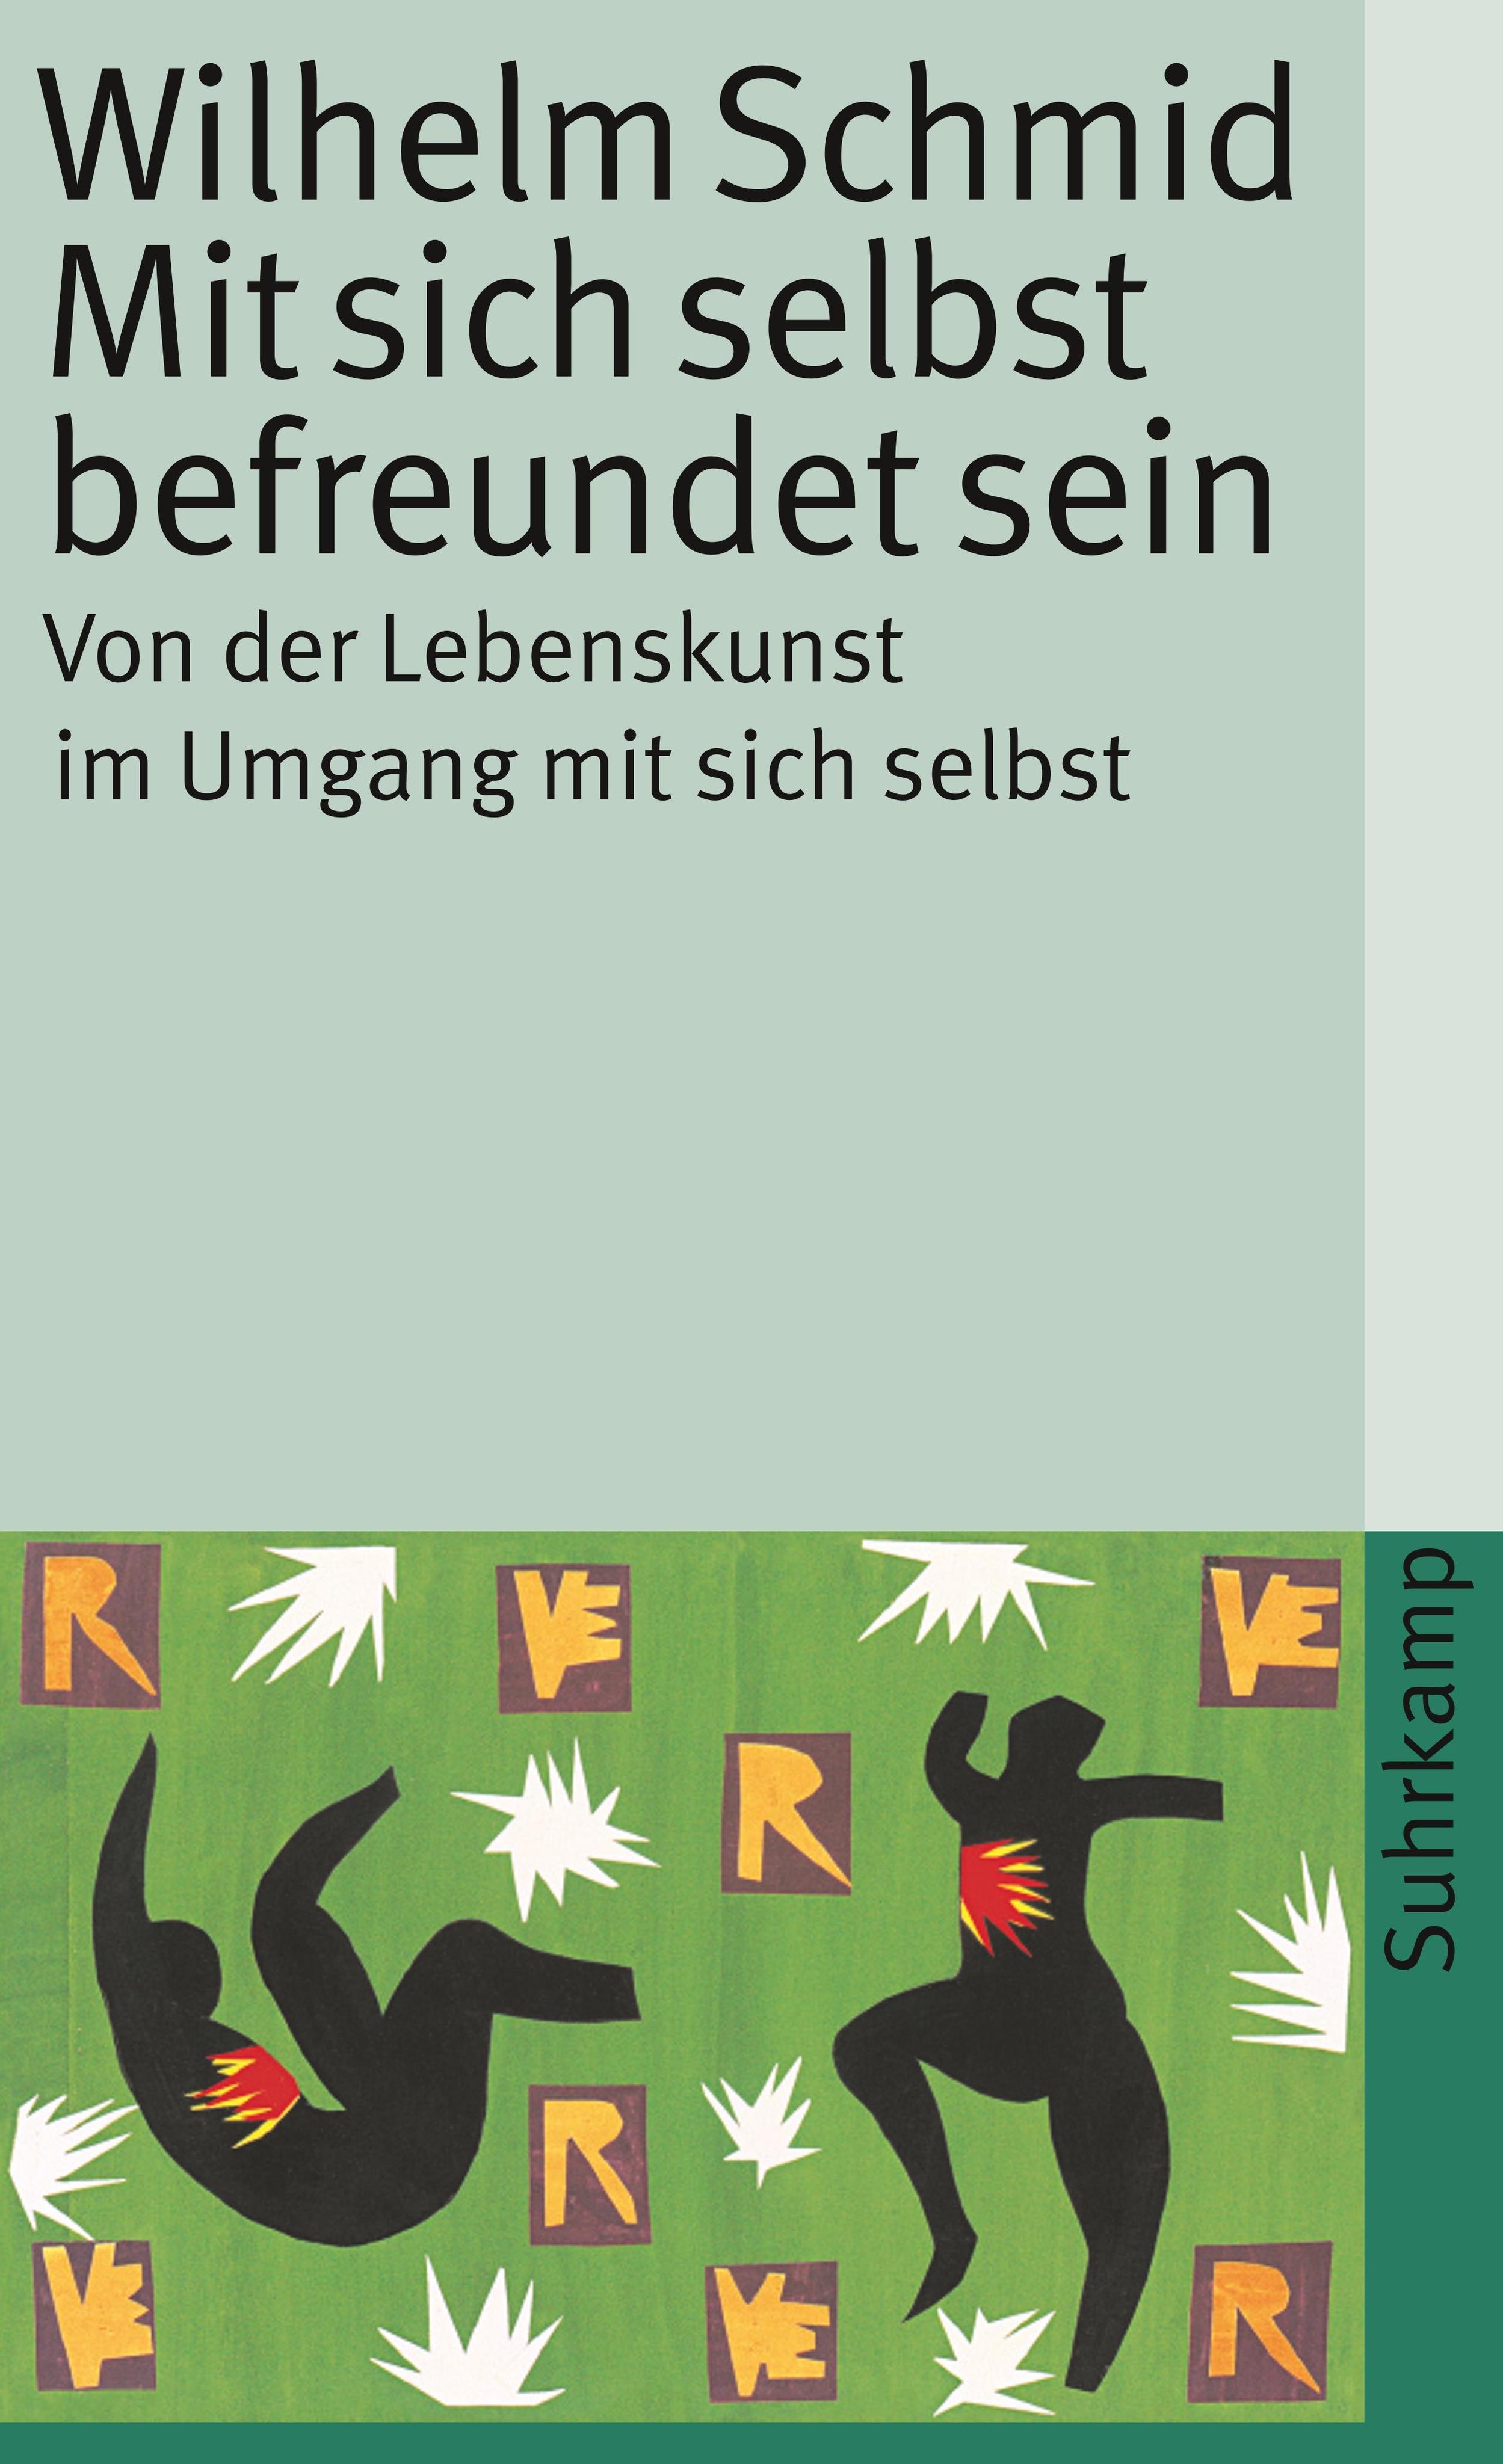 Wilhelm Schmid Mit sich selbst befreundet sein